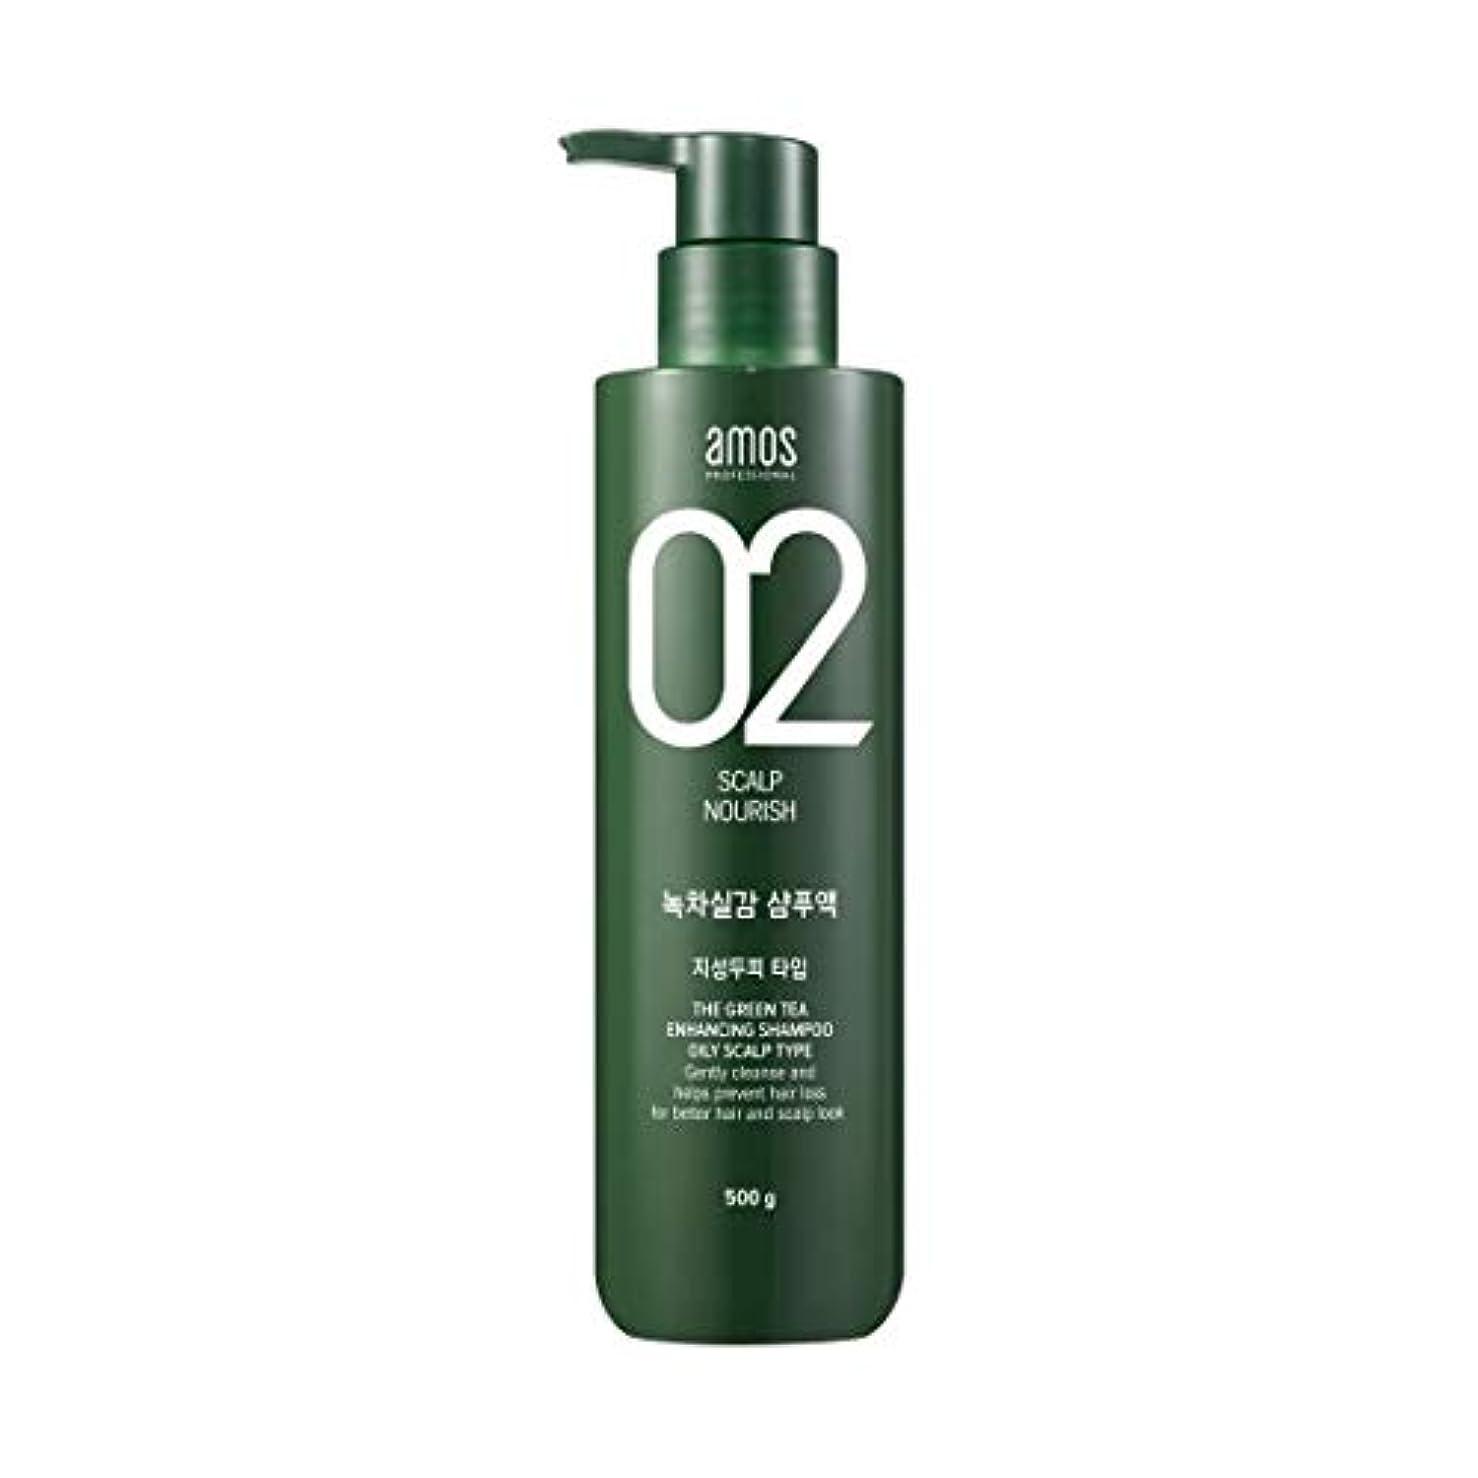 値感染する代表してAmos Green Tea Enhancing Shampoo -Oily 500g / アモス ザ グリーンティー エンハンシング シャンプー # 脂性 オイリー スカルプタイプ [並行輸入品]